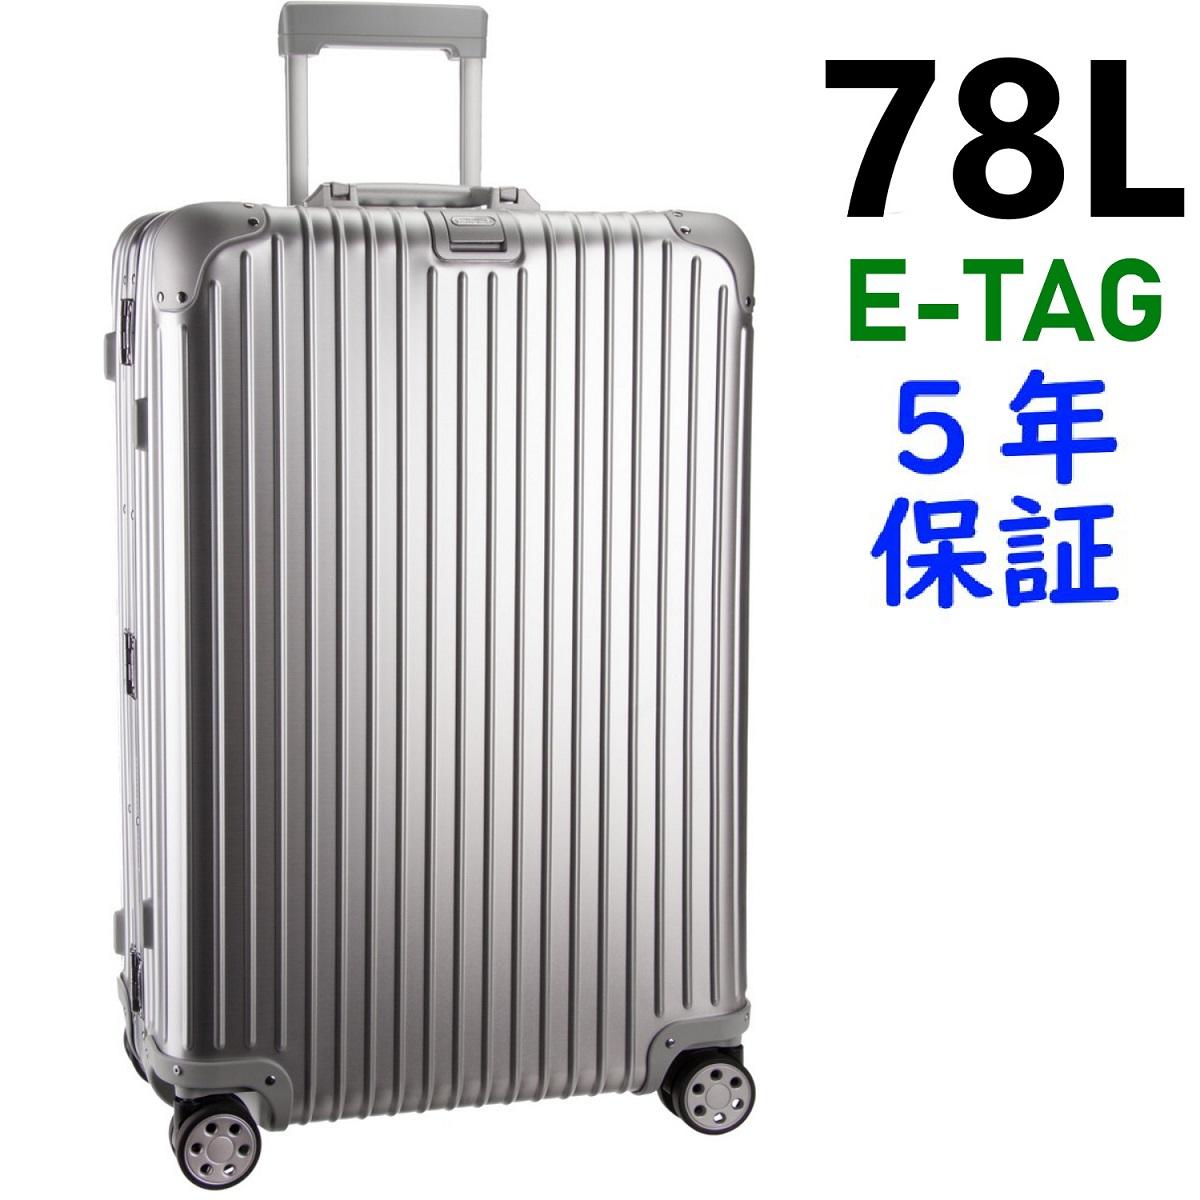 リモワ トパーズ 4輪 4輪 78L 電子タグ 電子タグ 924.70.00.5 ニュージェネレーション 924.70.00.5 TSA付 スーツケース E-Tag, ヤメシ:09d7c4be --- sunward.msk.ru